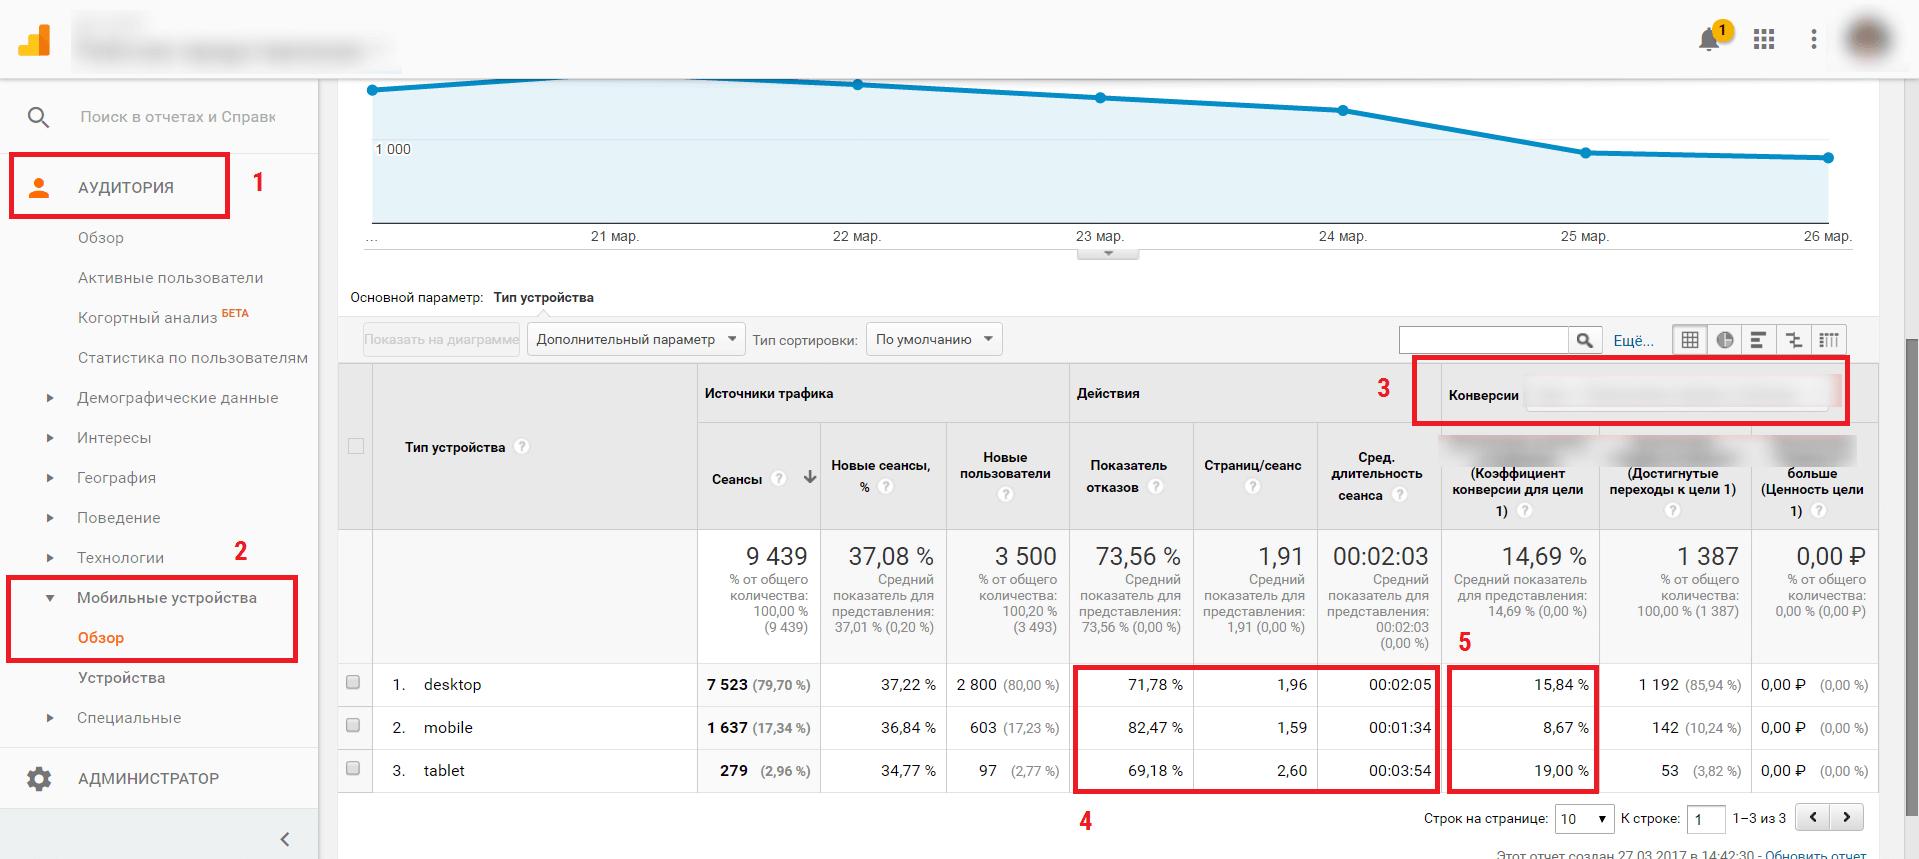 Отчет Google Analytics по конверсии